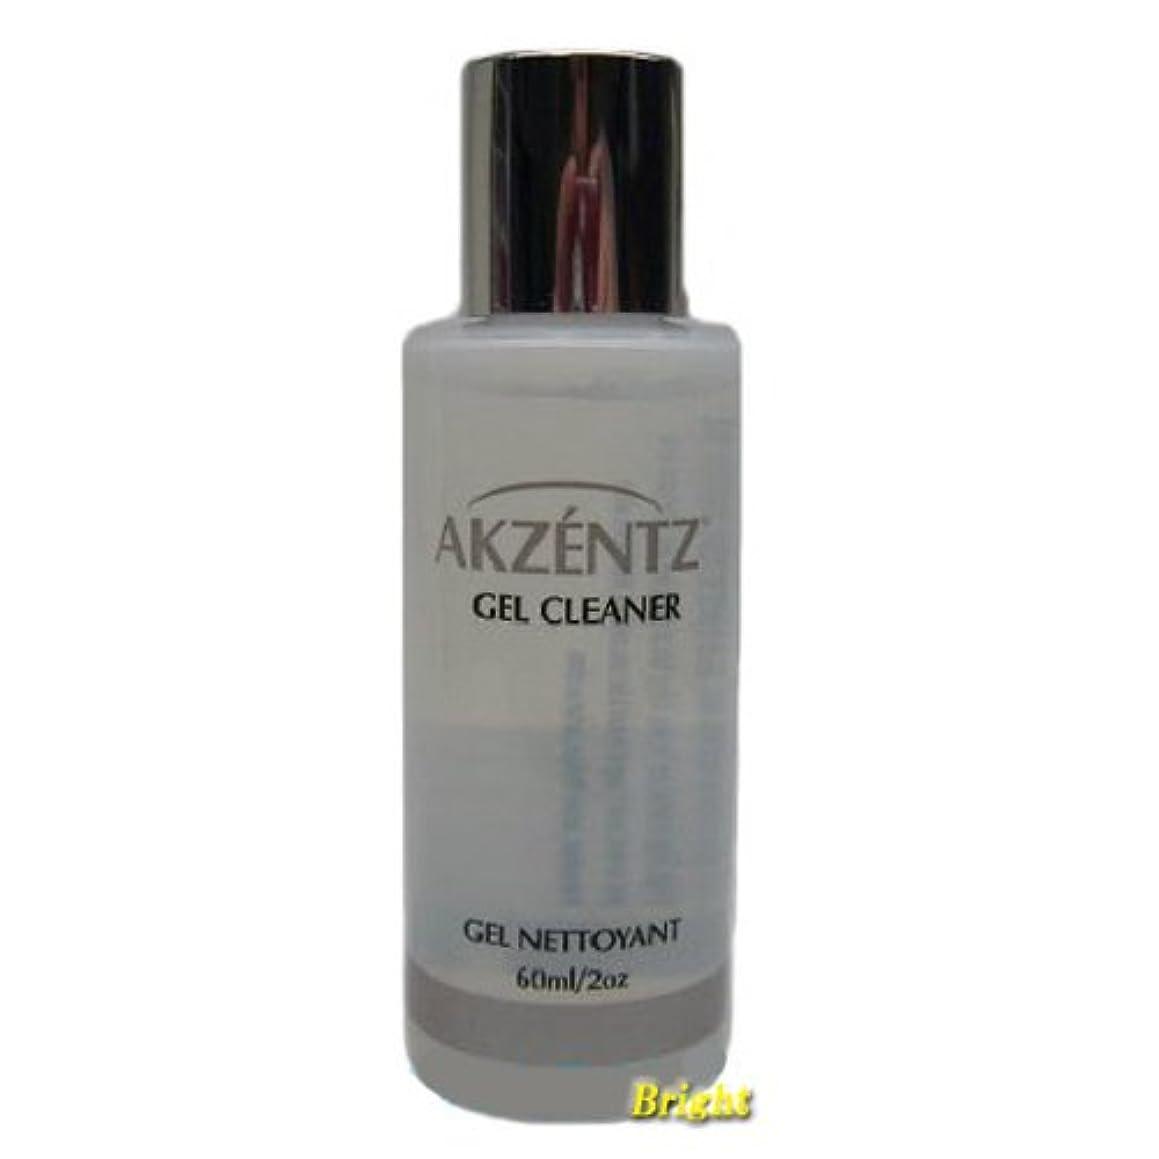 魔術アンプワットアクセンツ ジェルクリーナー 60ml 未硬化ジェル拭き取り液 AKZENTZ ジェルネイル